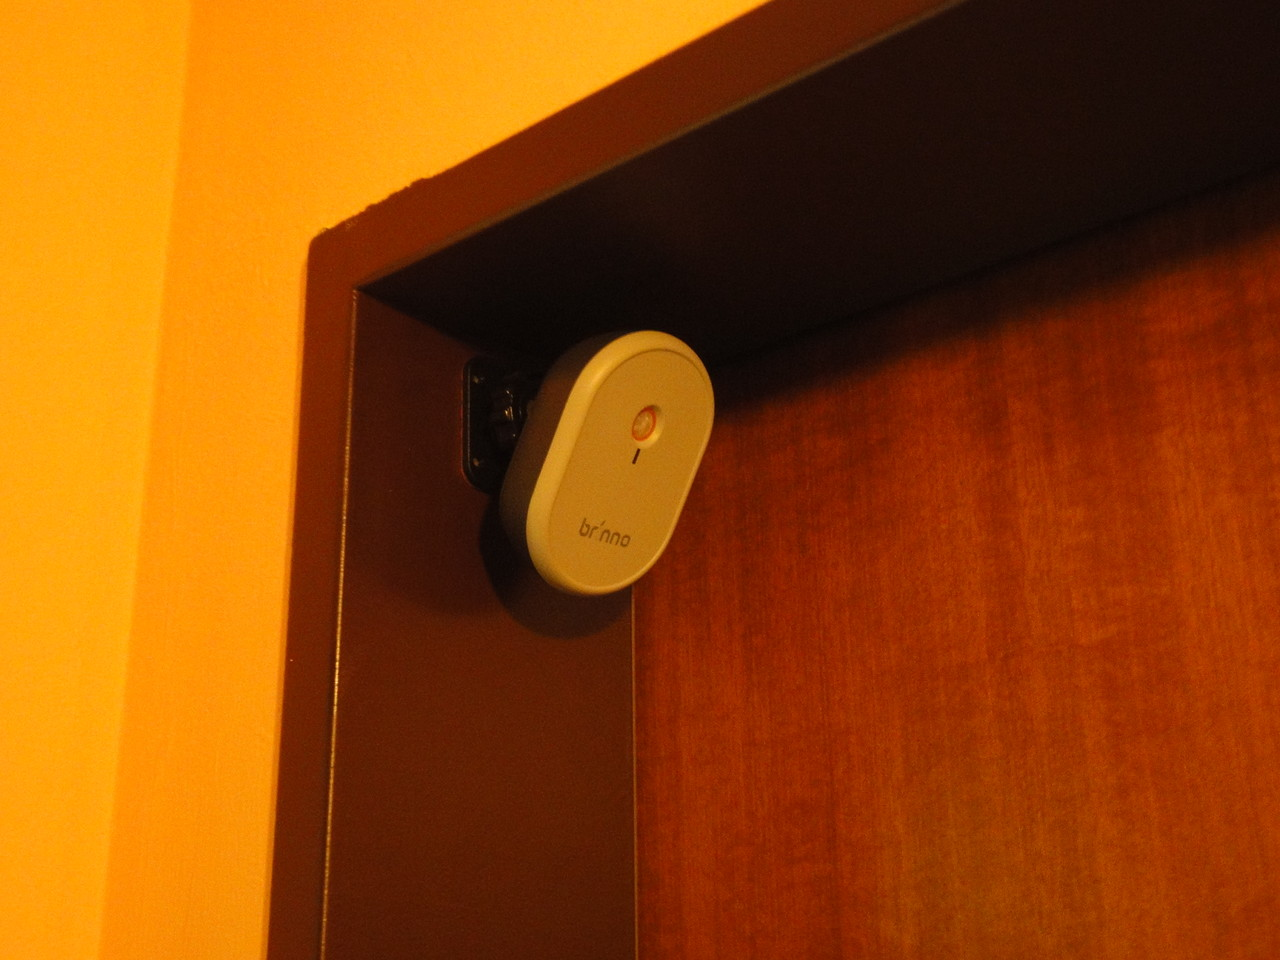 mehr sicherheit durch t rspion7000 f r ihre sicherheit. Black Bedroom Furniture Sets. Home Design Ideas